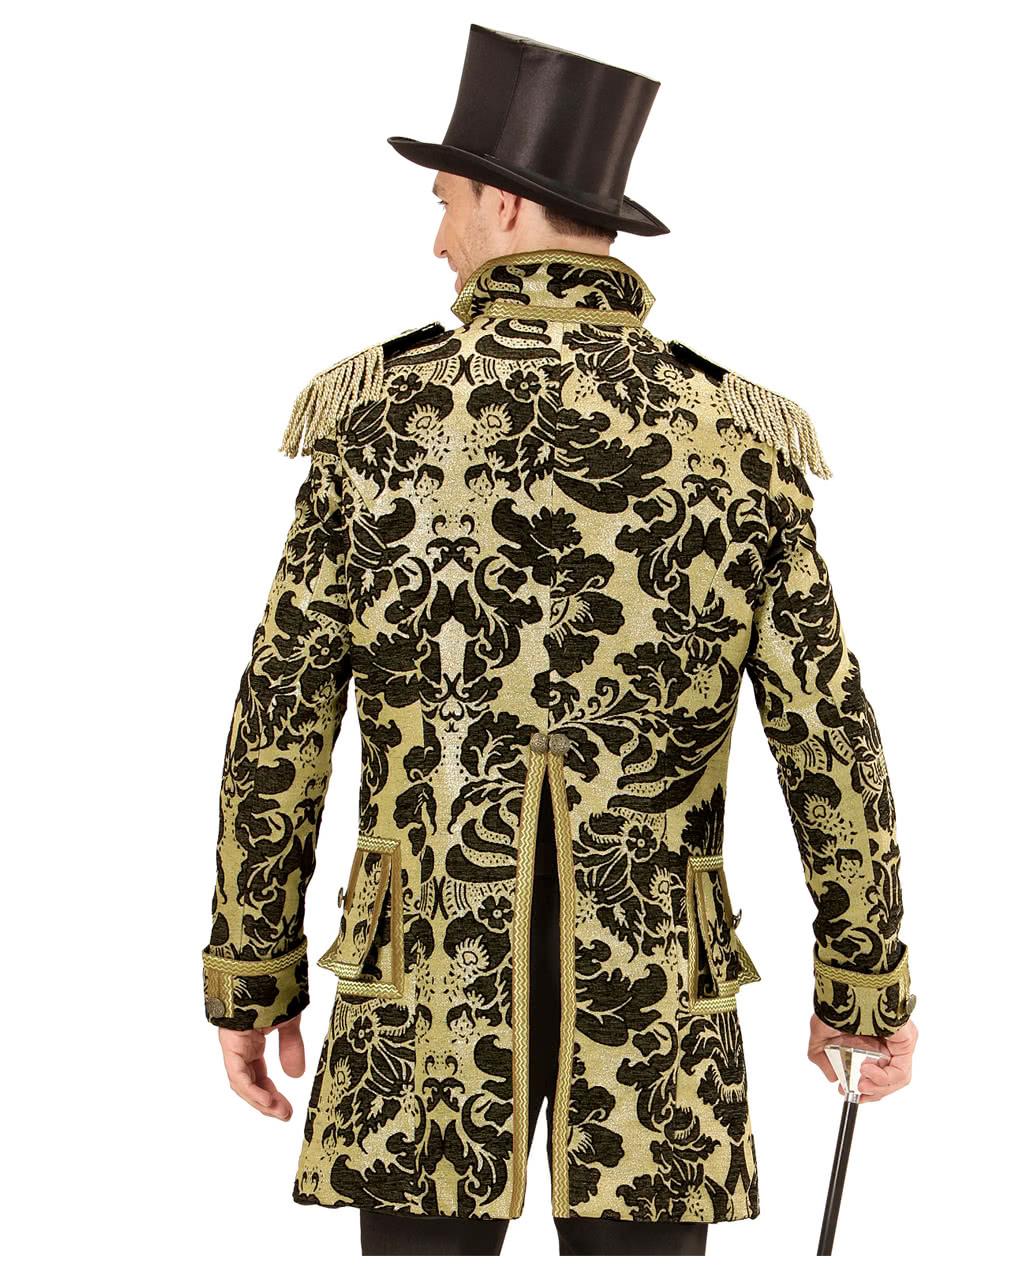 Venetian military dress suit gold-black ✩ | horror-shop.com